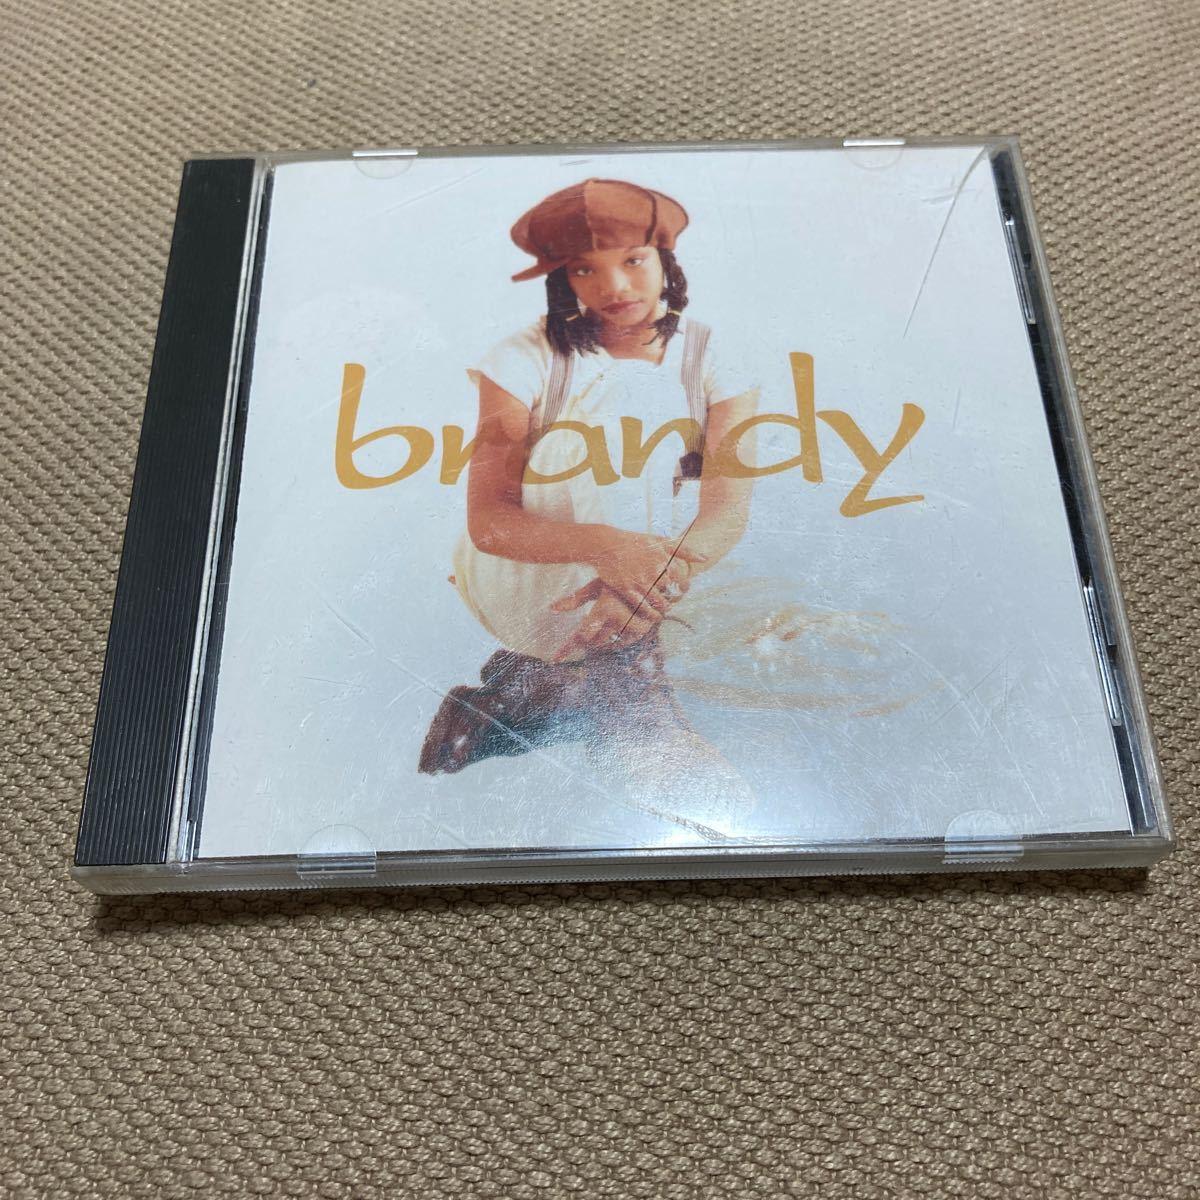 洋楽 / Brandy ブランディ / BrandyCD